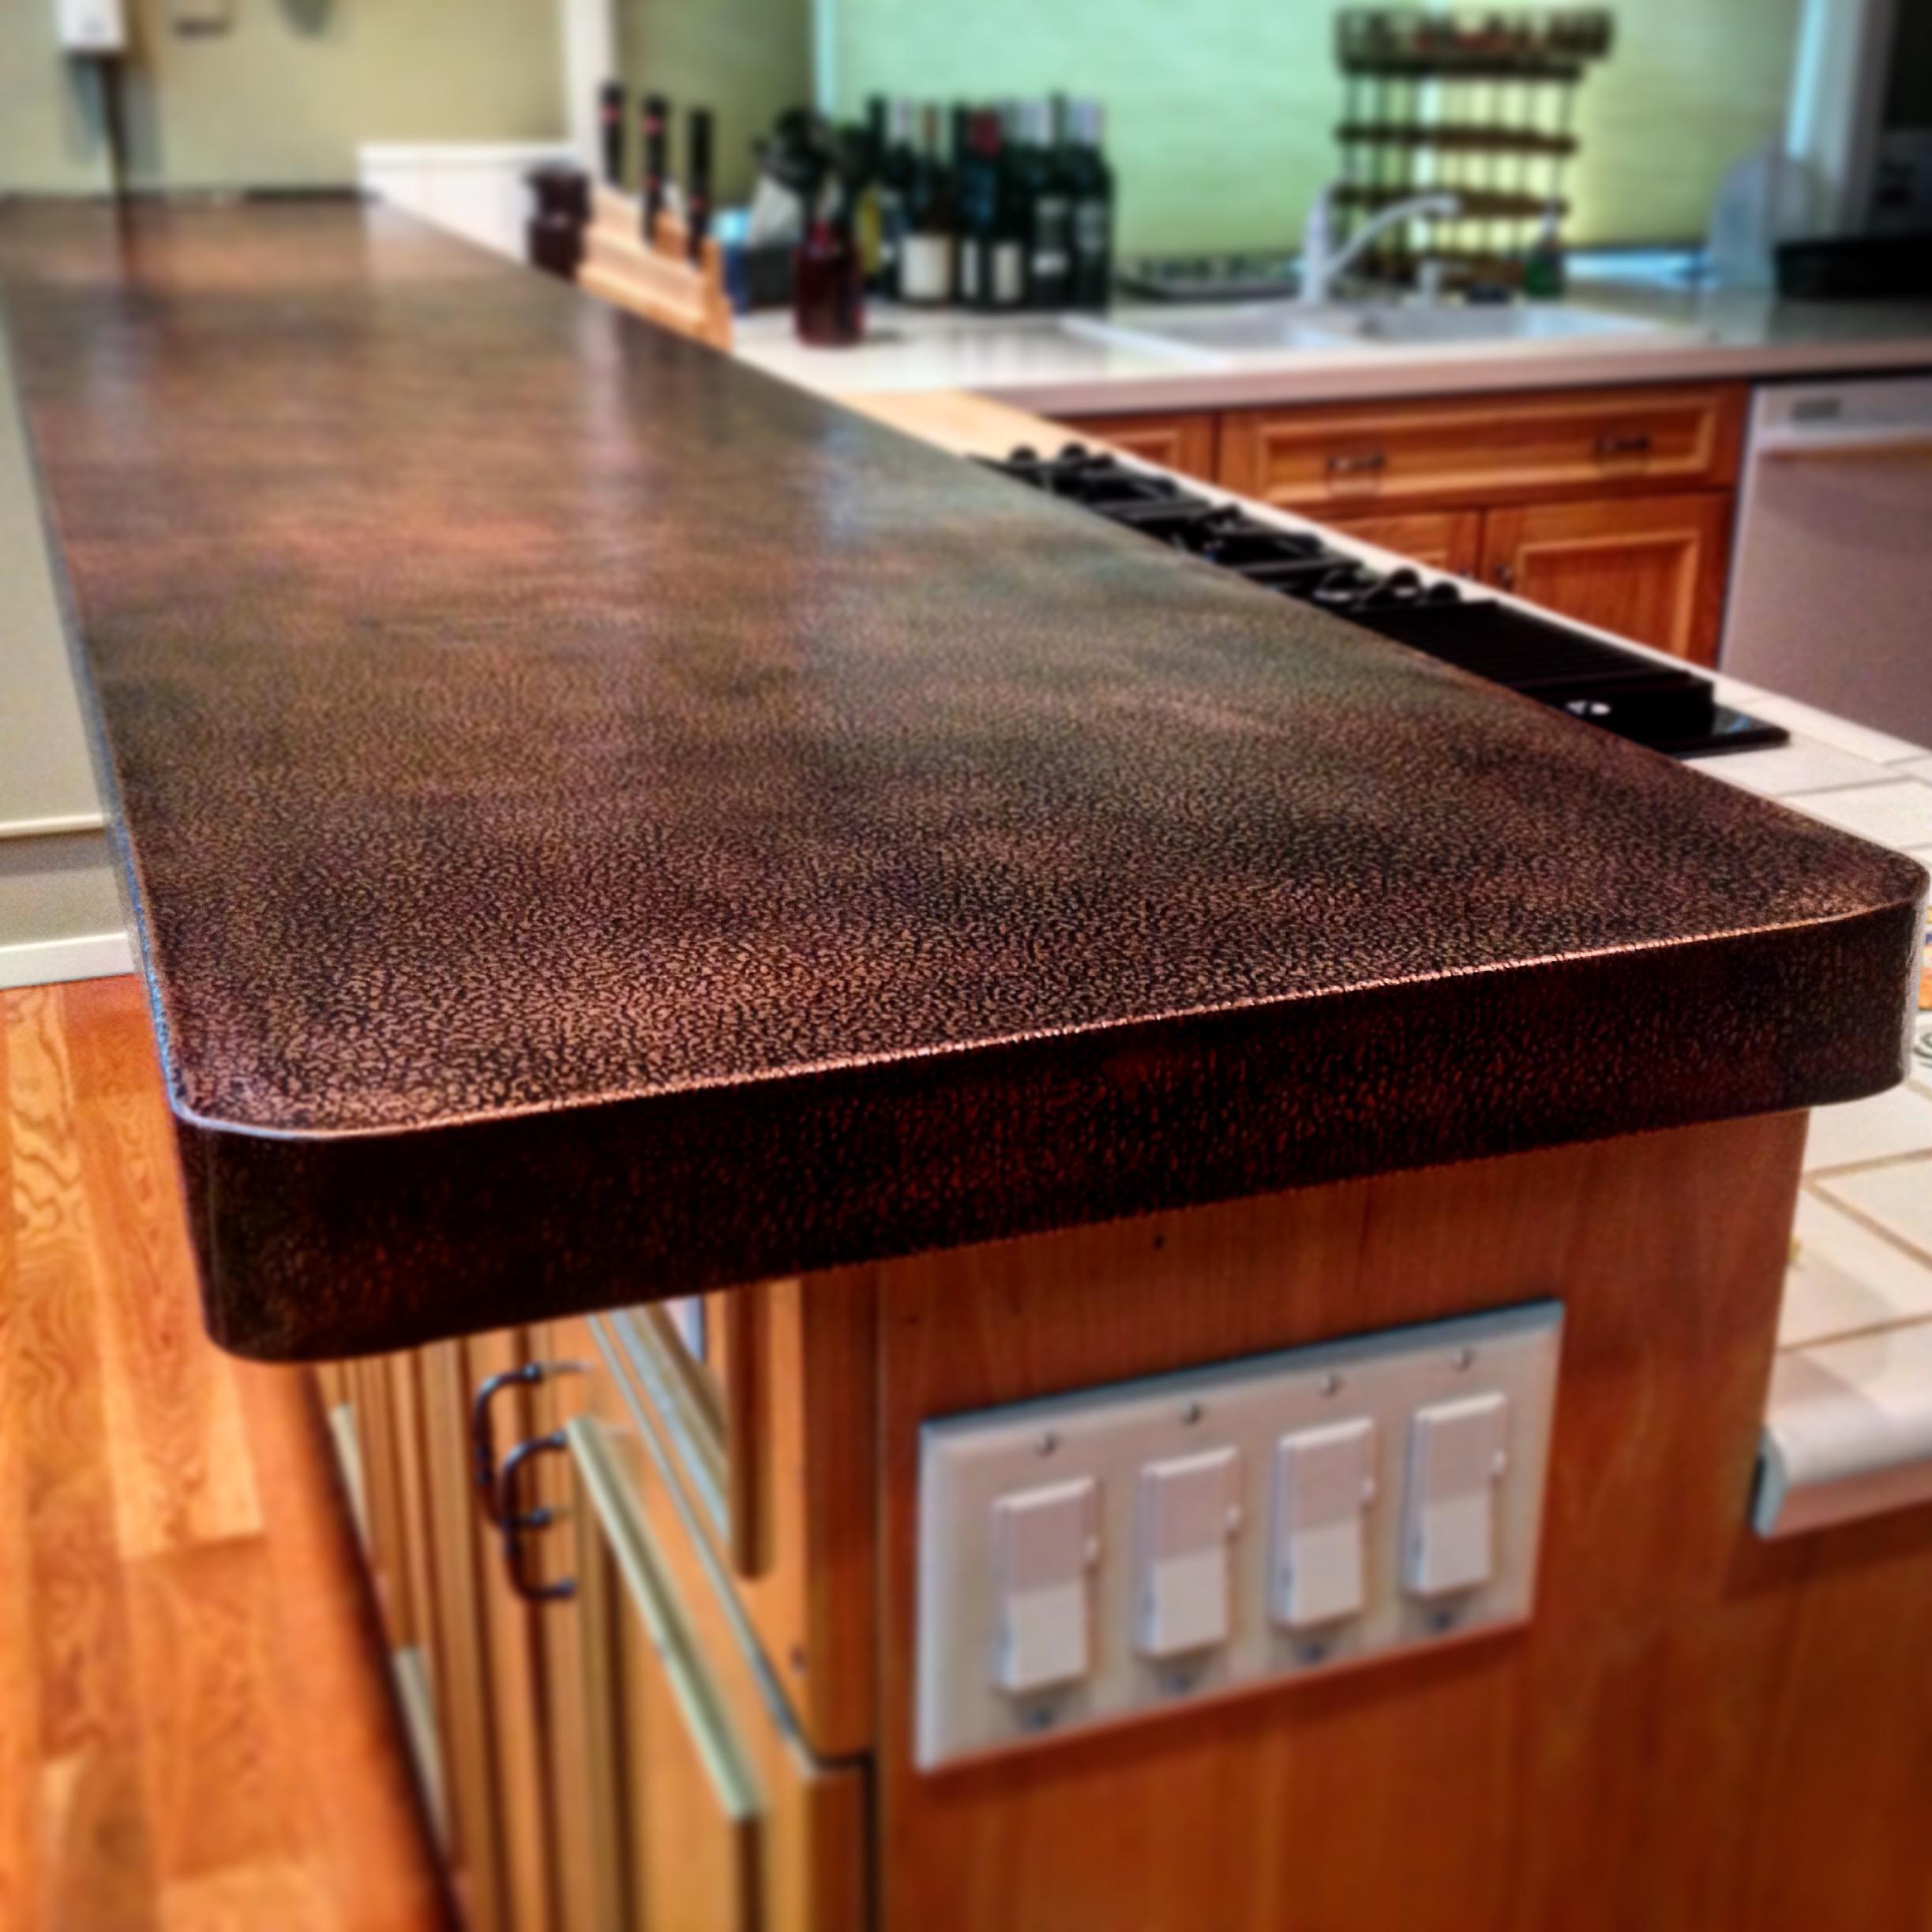 Textured Patina-d Copper Countertop